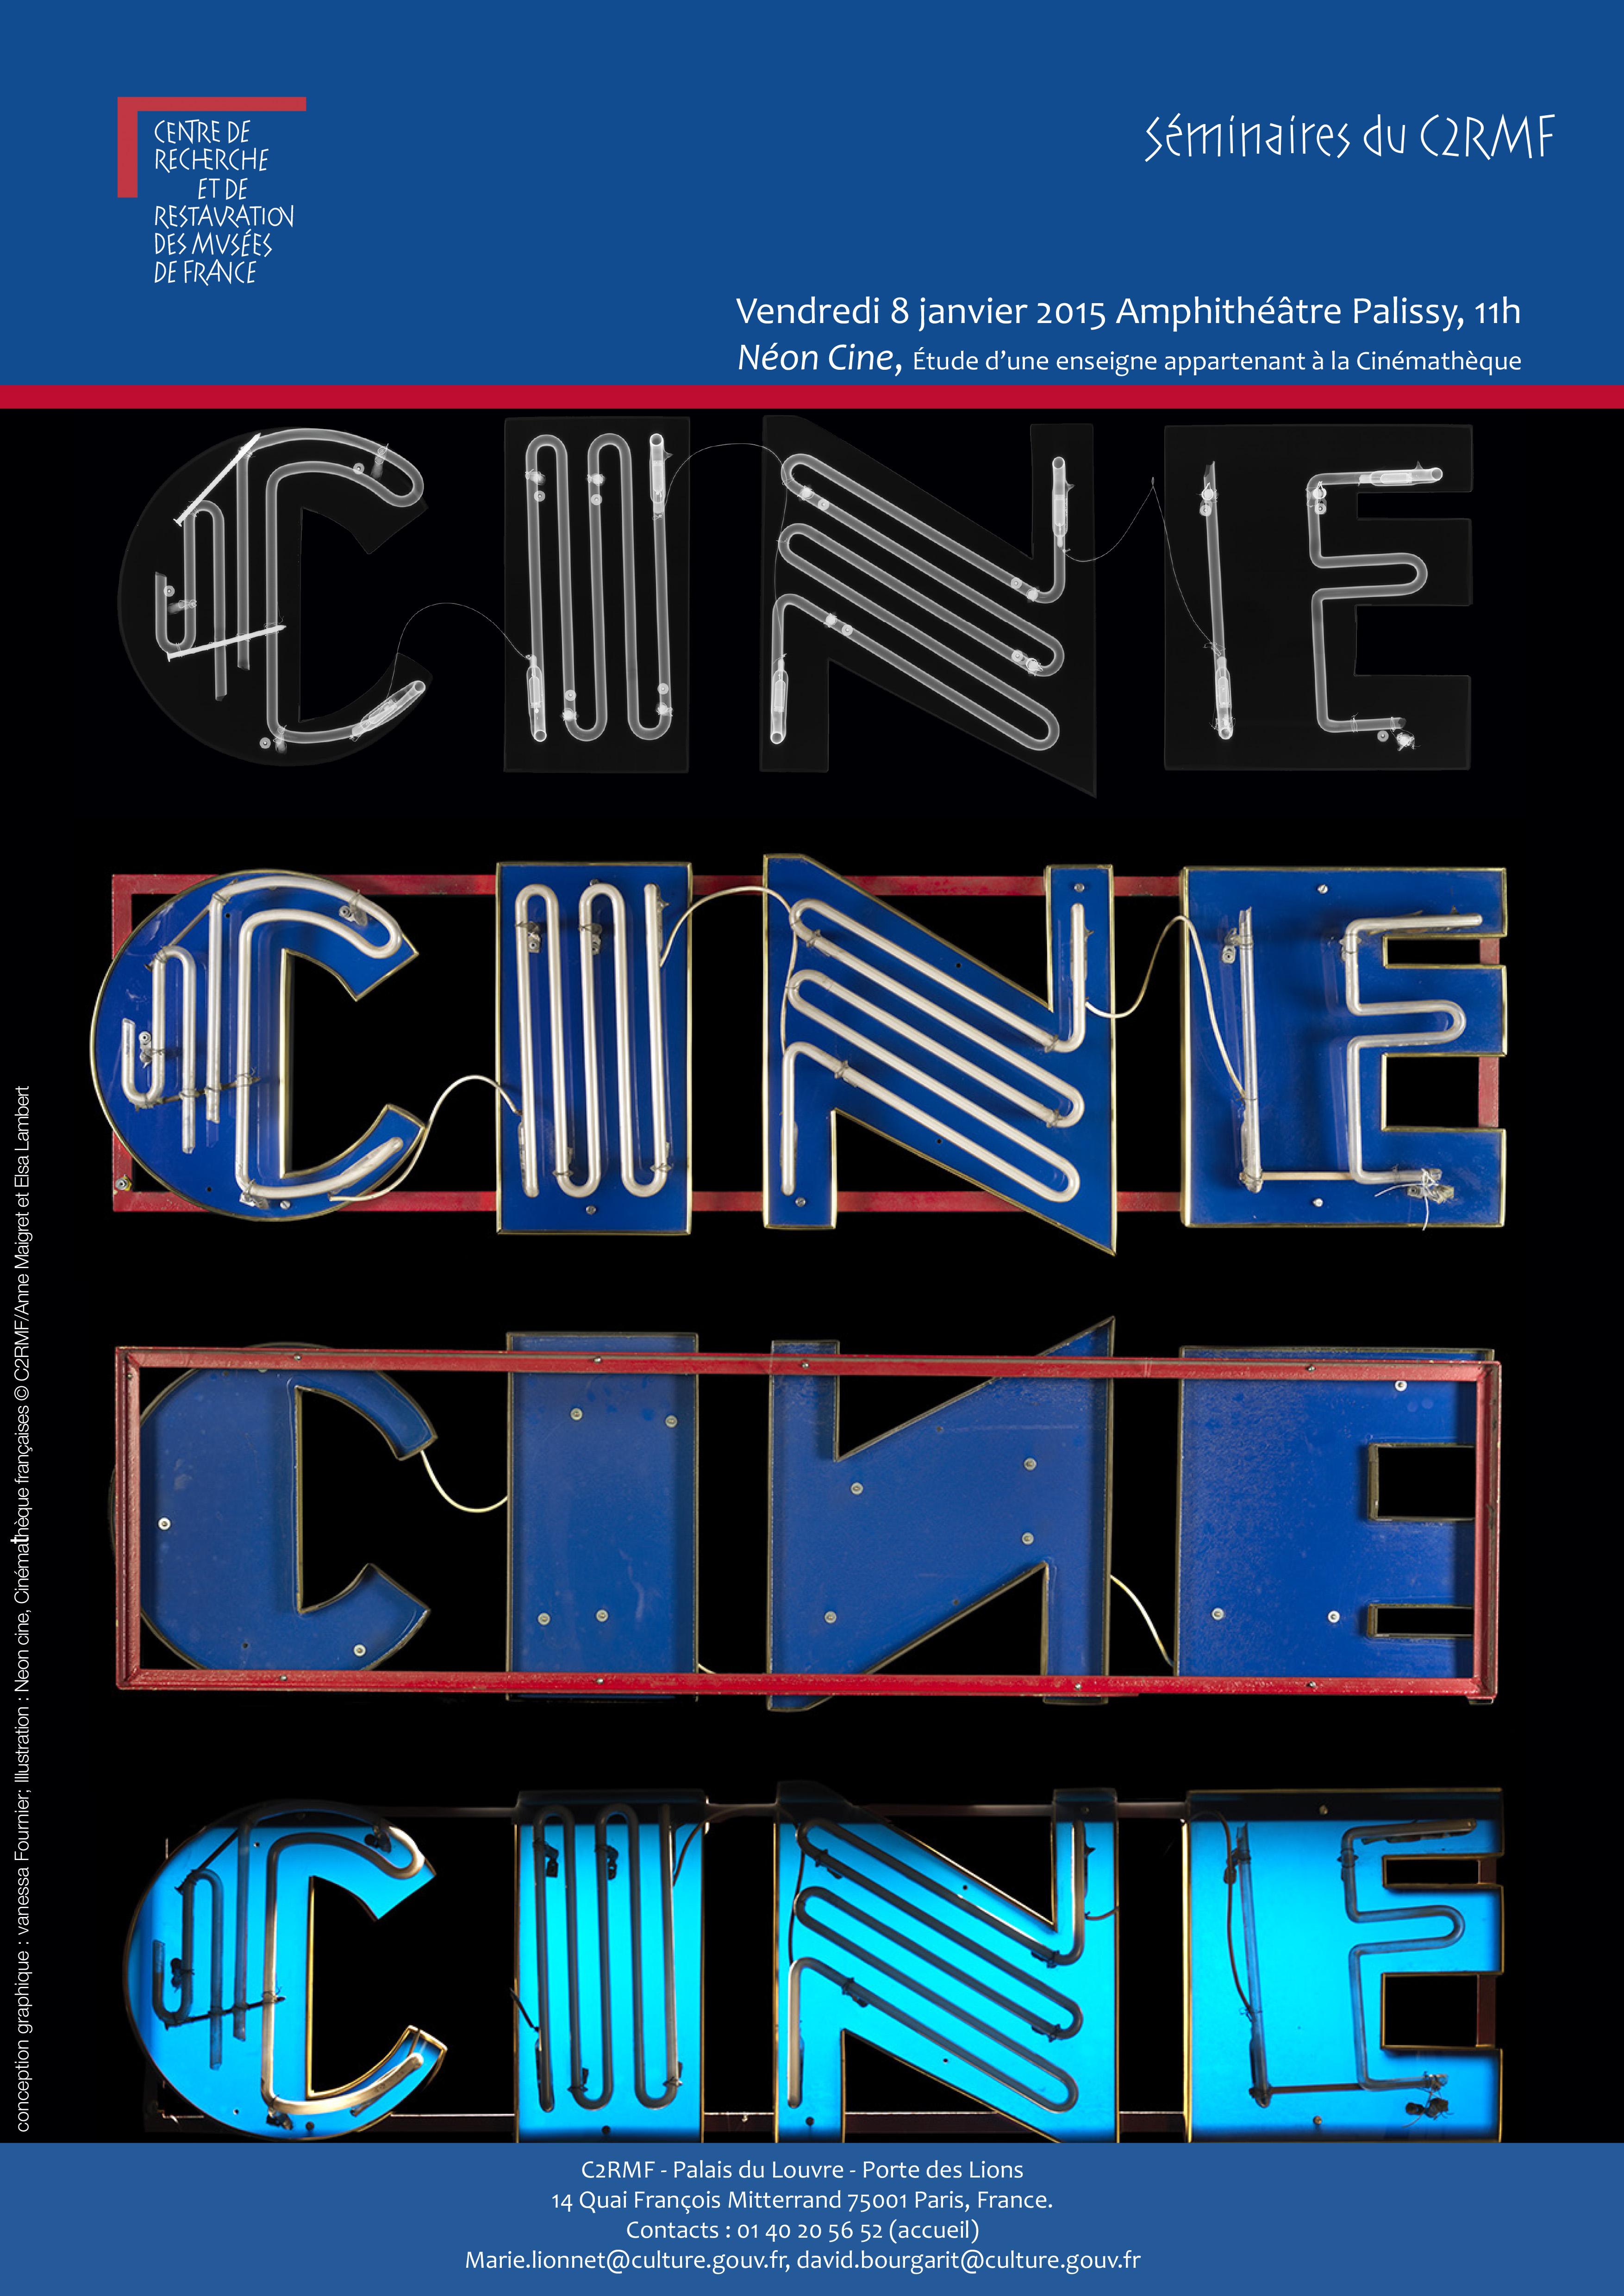 Neon cine, Cinémathèque française / Remerciements à Laurent Mannoni & Laure Parchomenko Photo, RX : Anne Maigret et Elsa Lambert, C2RMF Mise en page : Vanessa Fournier @C2RMF, Vanessa Fournier